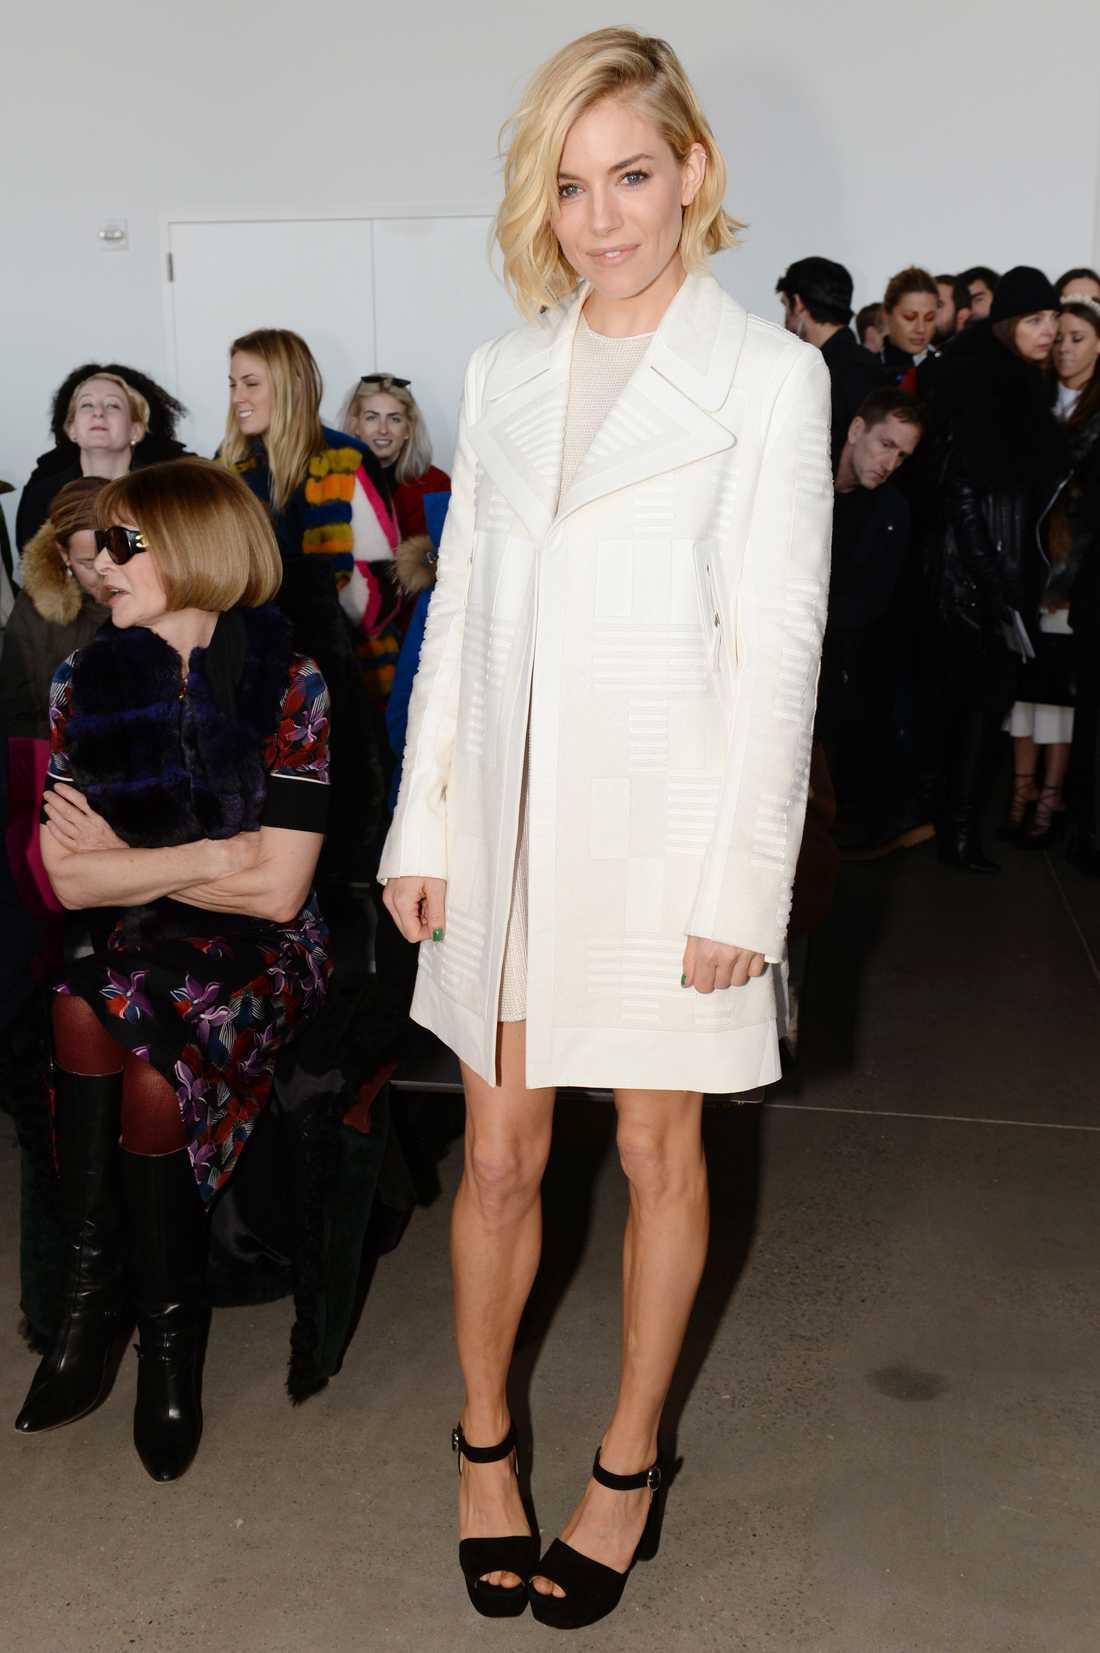 Sienna Miller Sienna matchar sin krispigt vita kappa med 90-talsinpirerade skor. Gillar du också looken? Spana in shoppingtipset nedan.